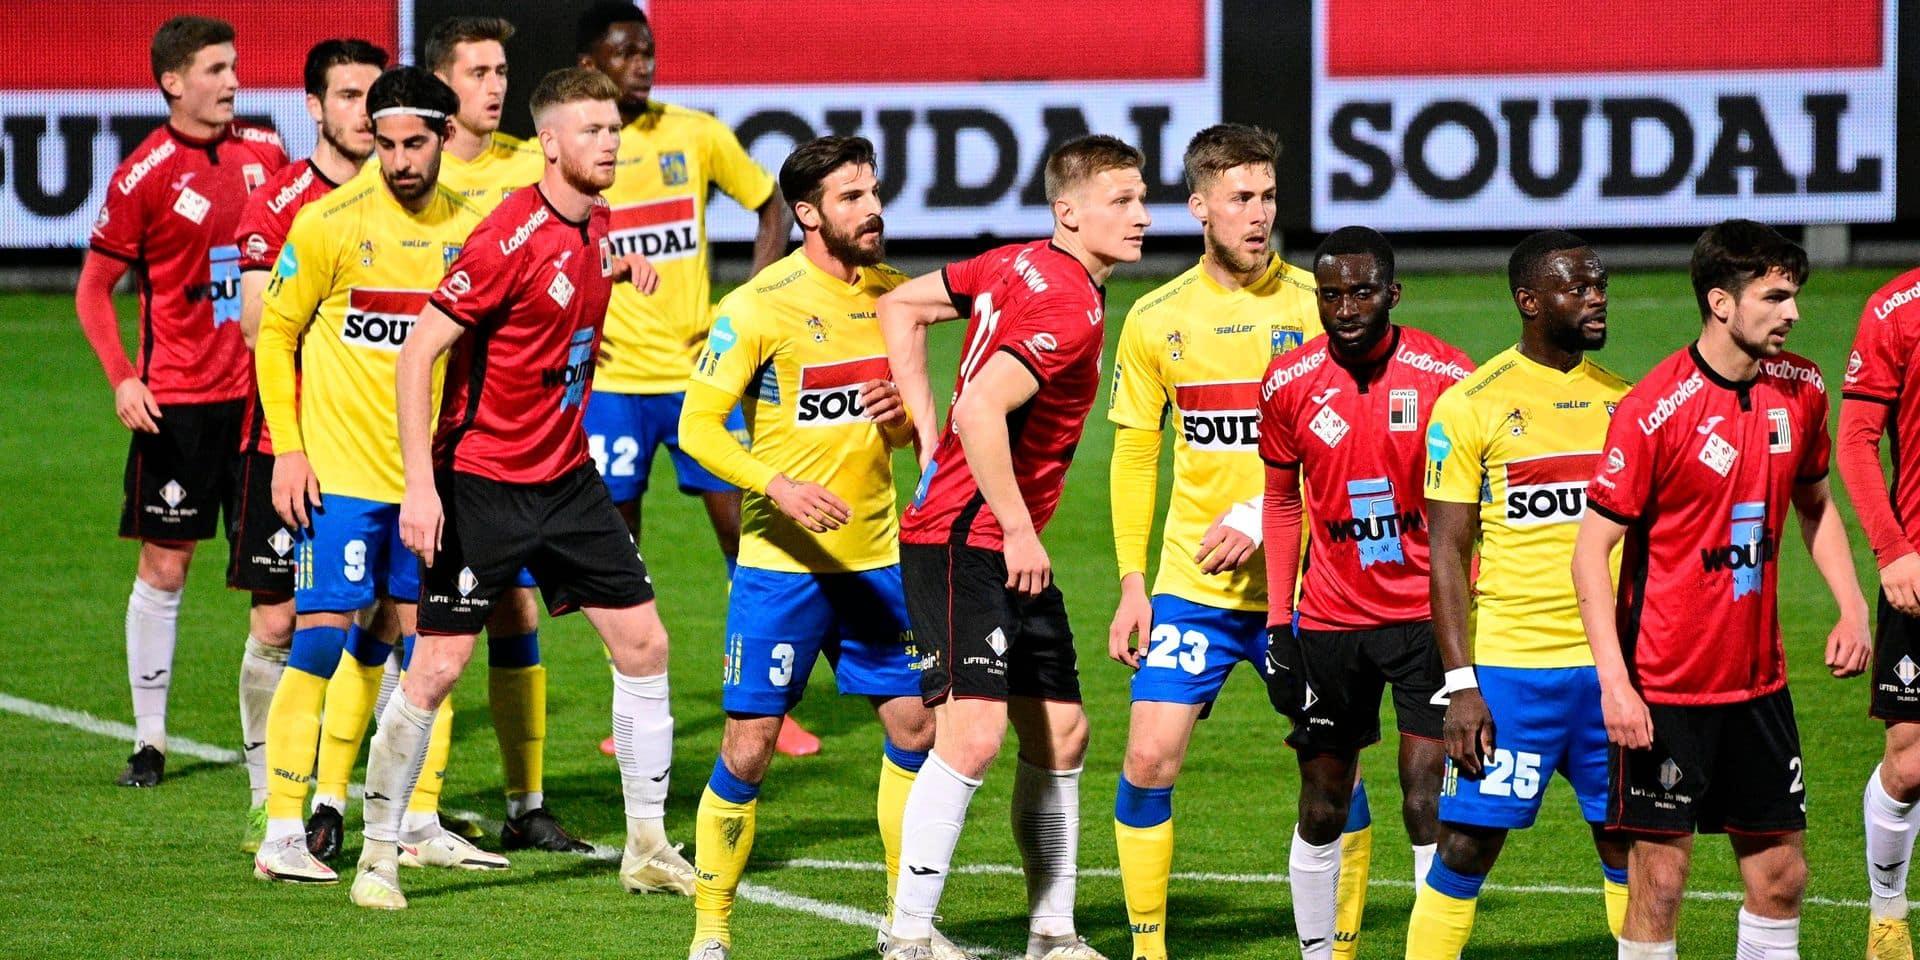 Le RWDM partage à Westerlo et signe un 7e match consécutif sans victoire